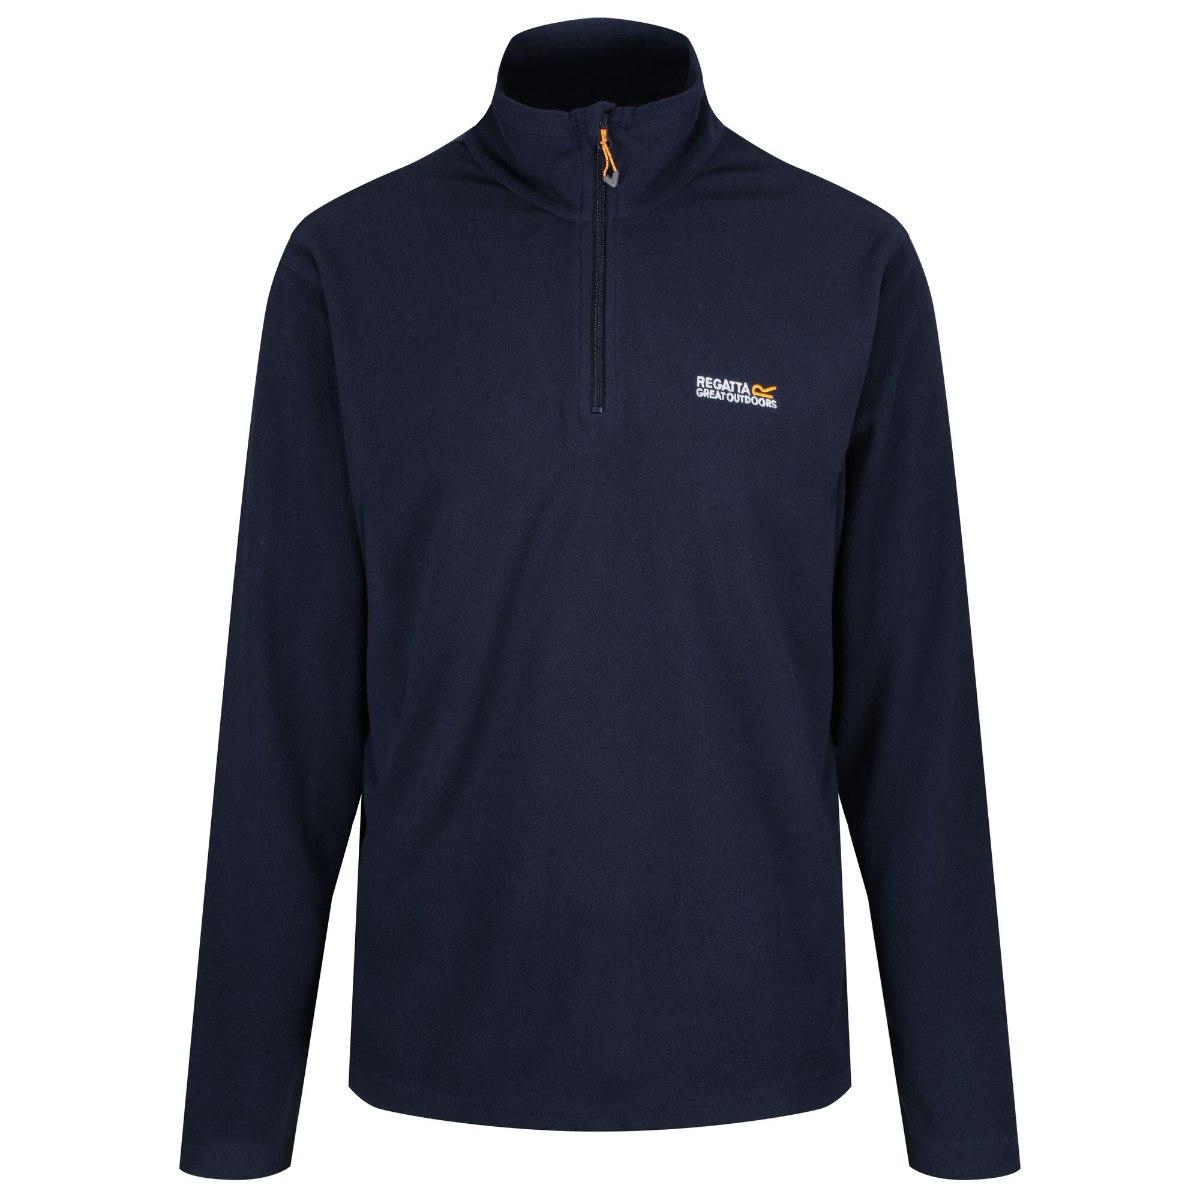 חולצת מיקרופליז גברים דגם Thompson כחולה מבית מותג אופנת המטיילים הבריטית Regatta Great Outdoors